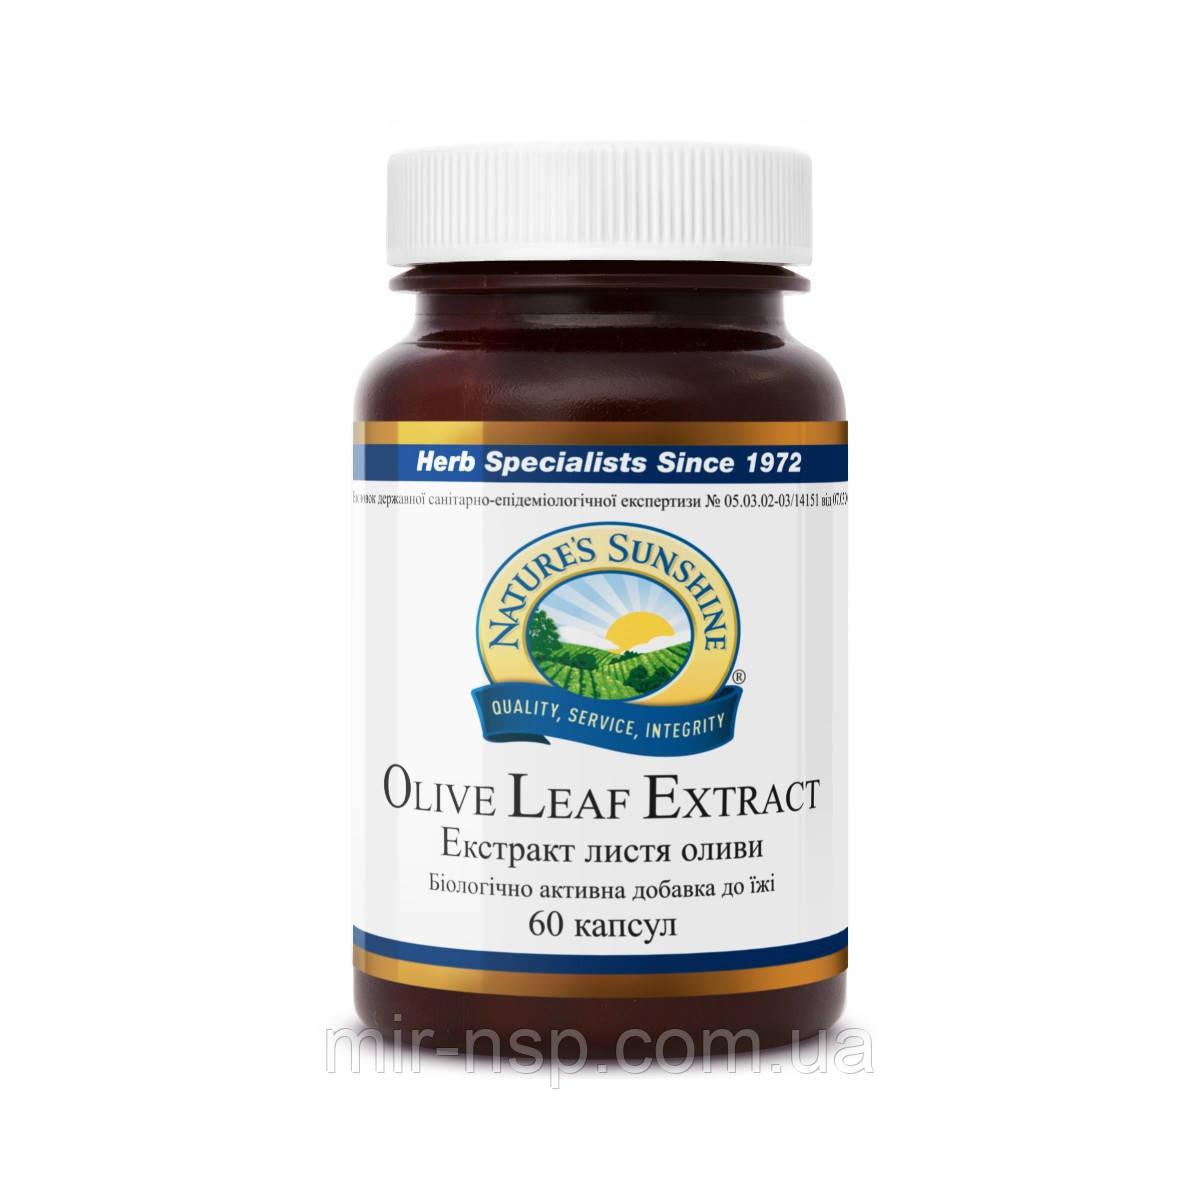 Листя оливи (екстракт листя оливи бад, Olive leaf) бад NSP